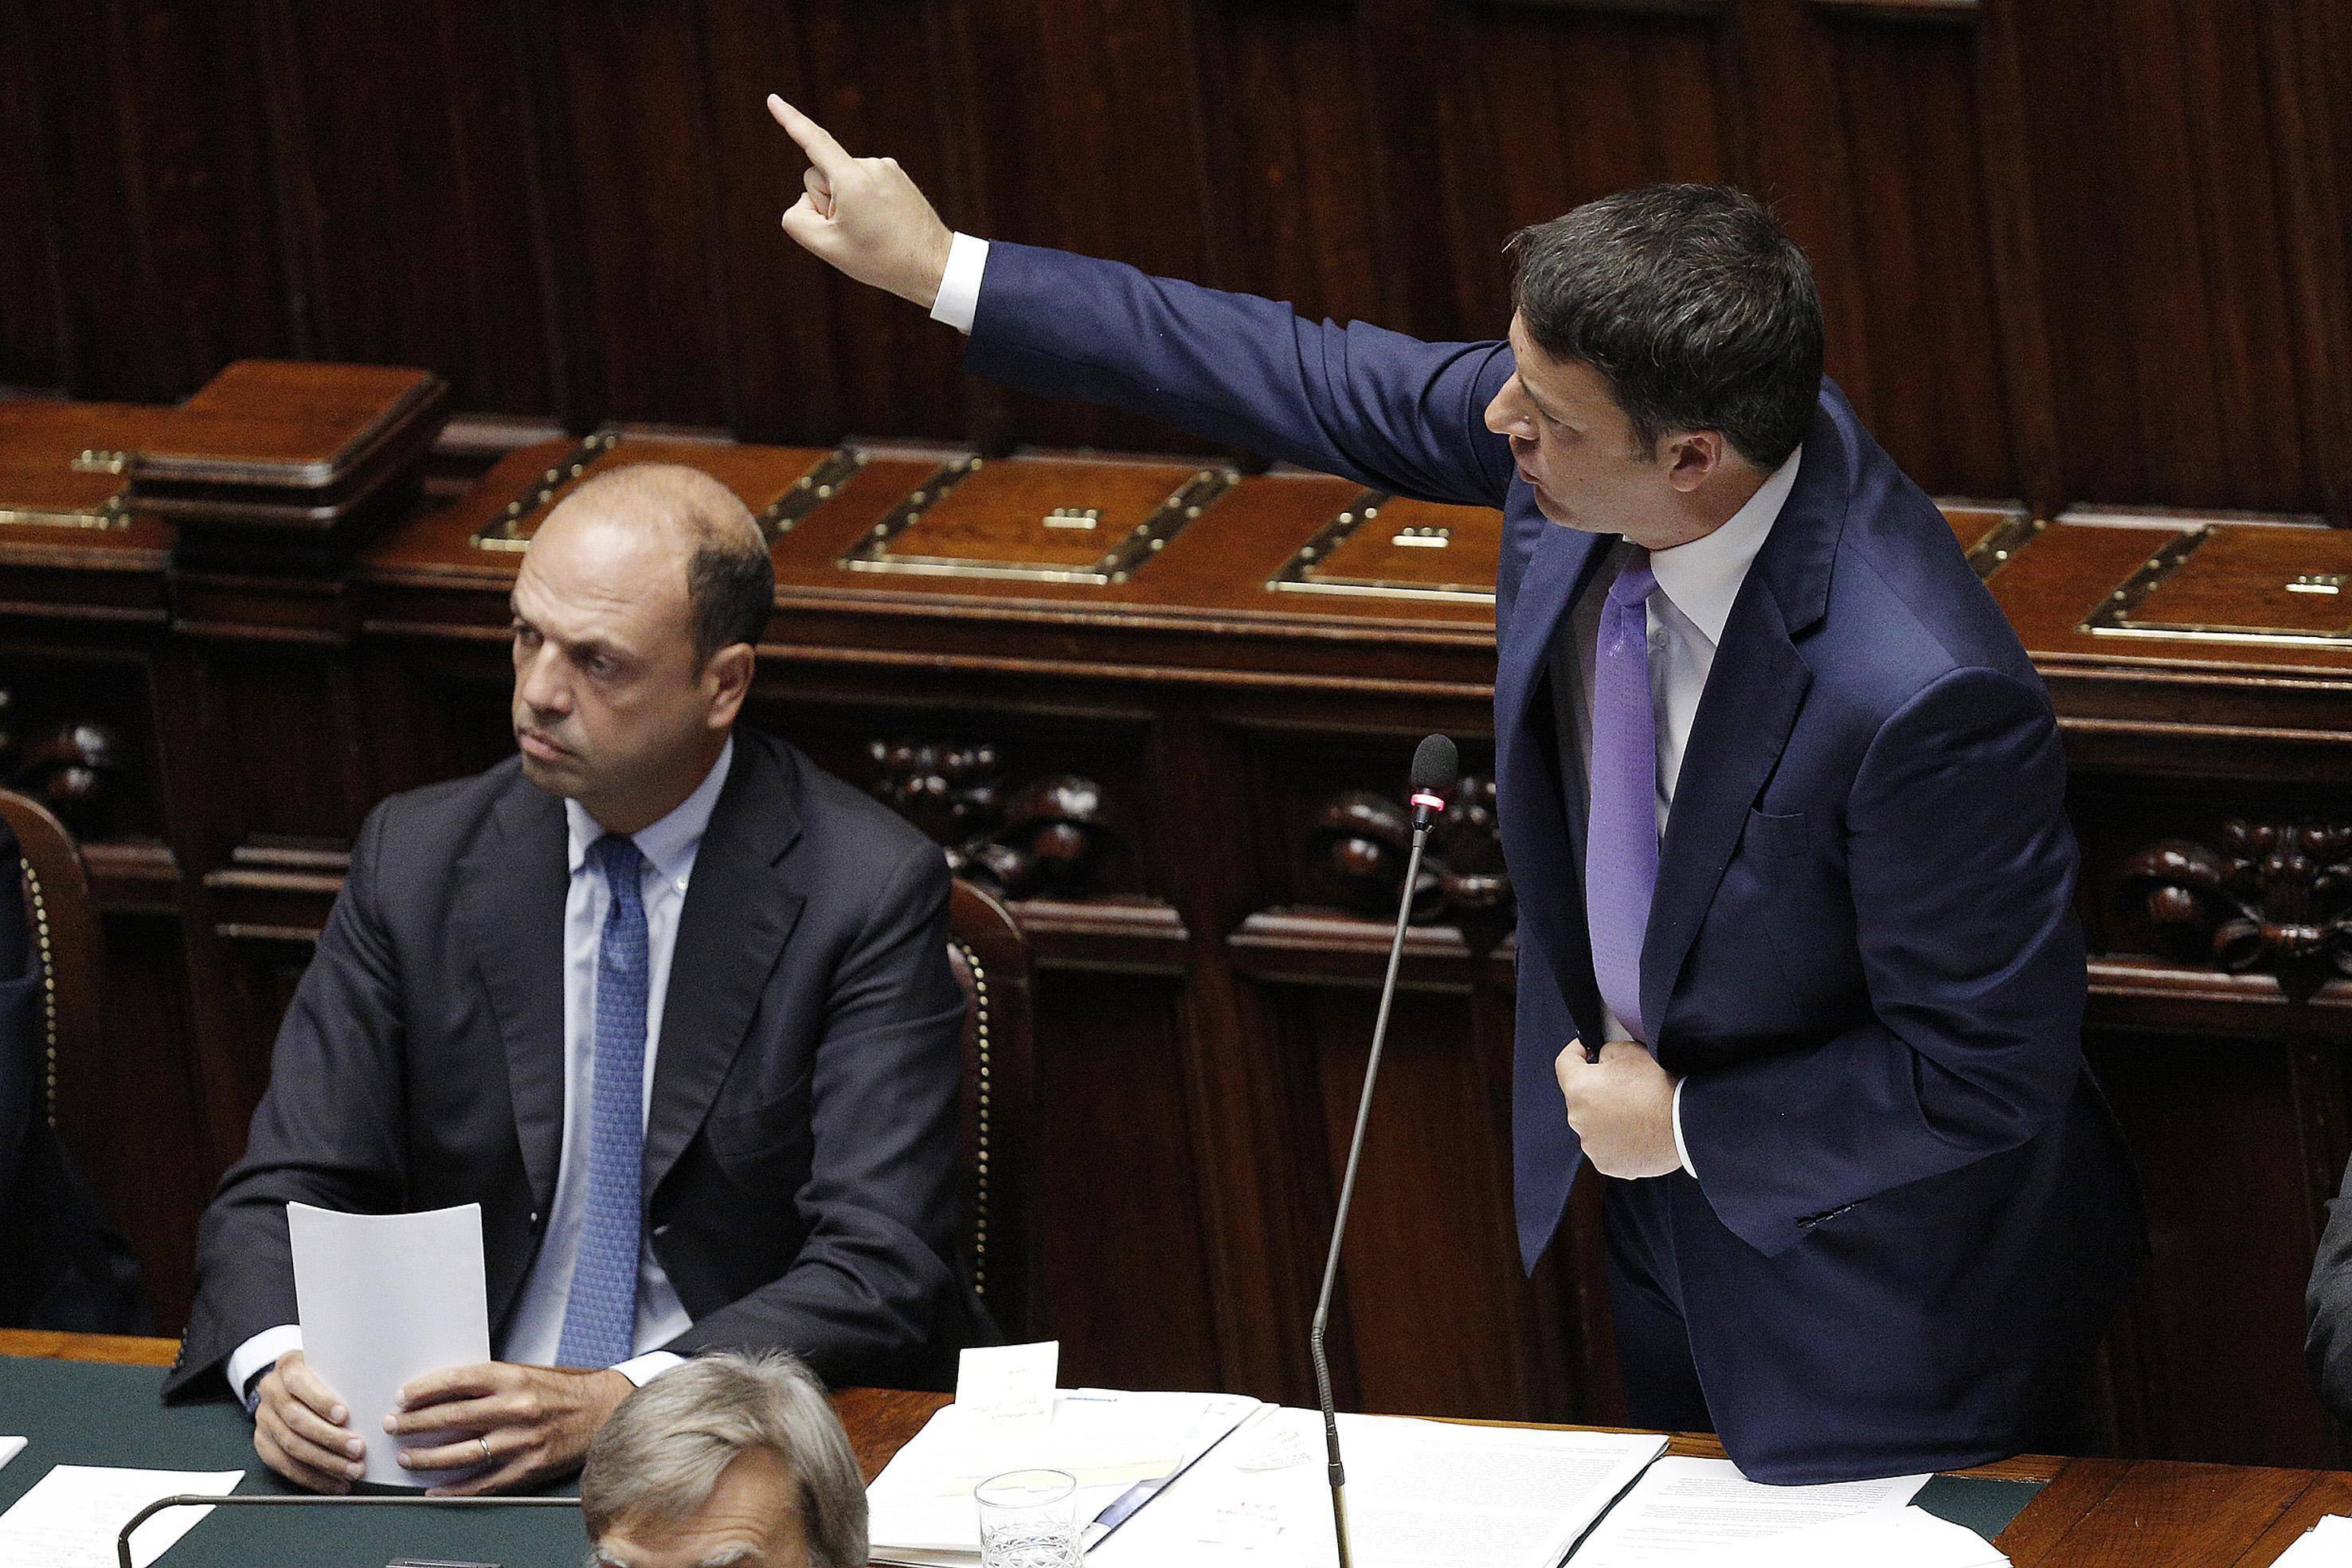 ++ Renzi, noi siamo con Italia che si spezza la schiena ++